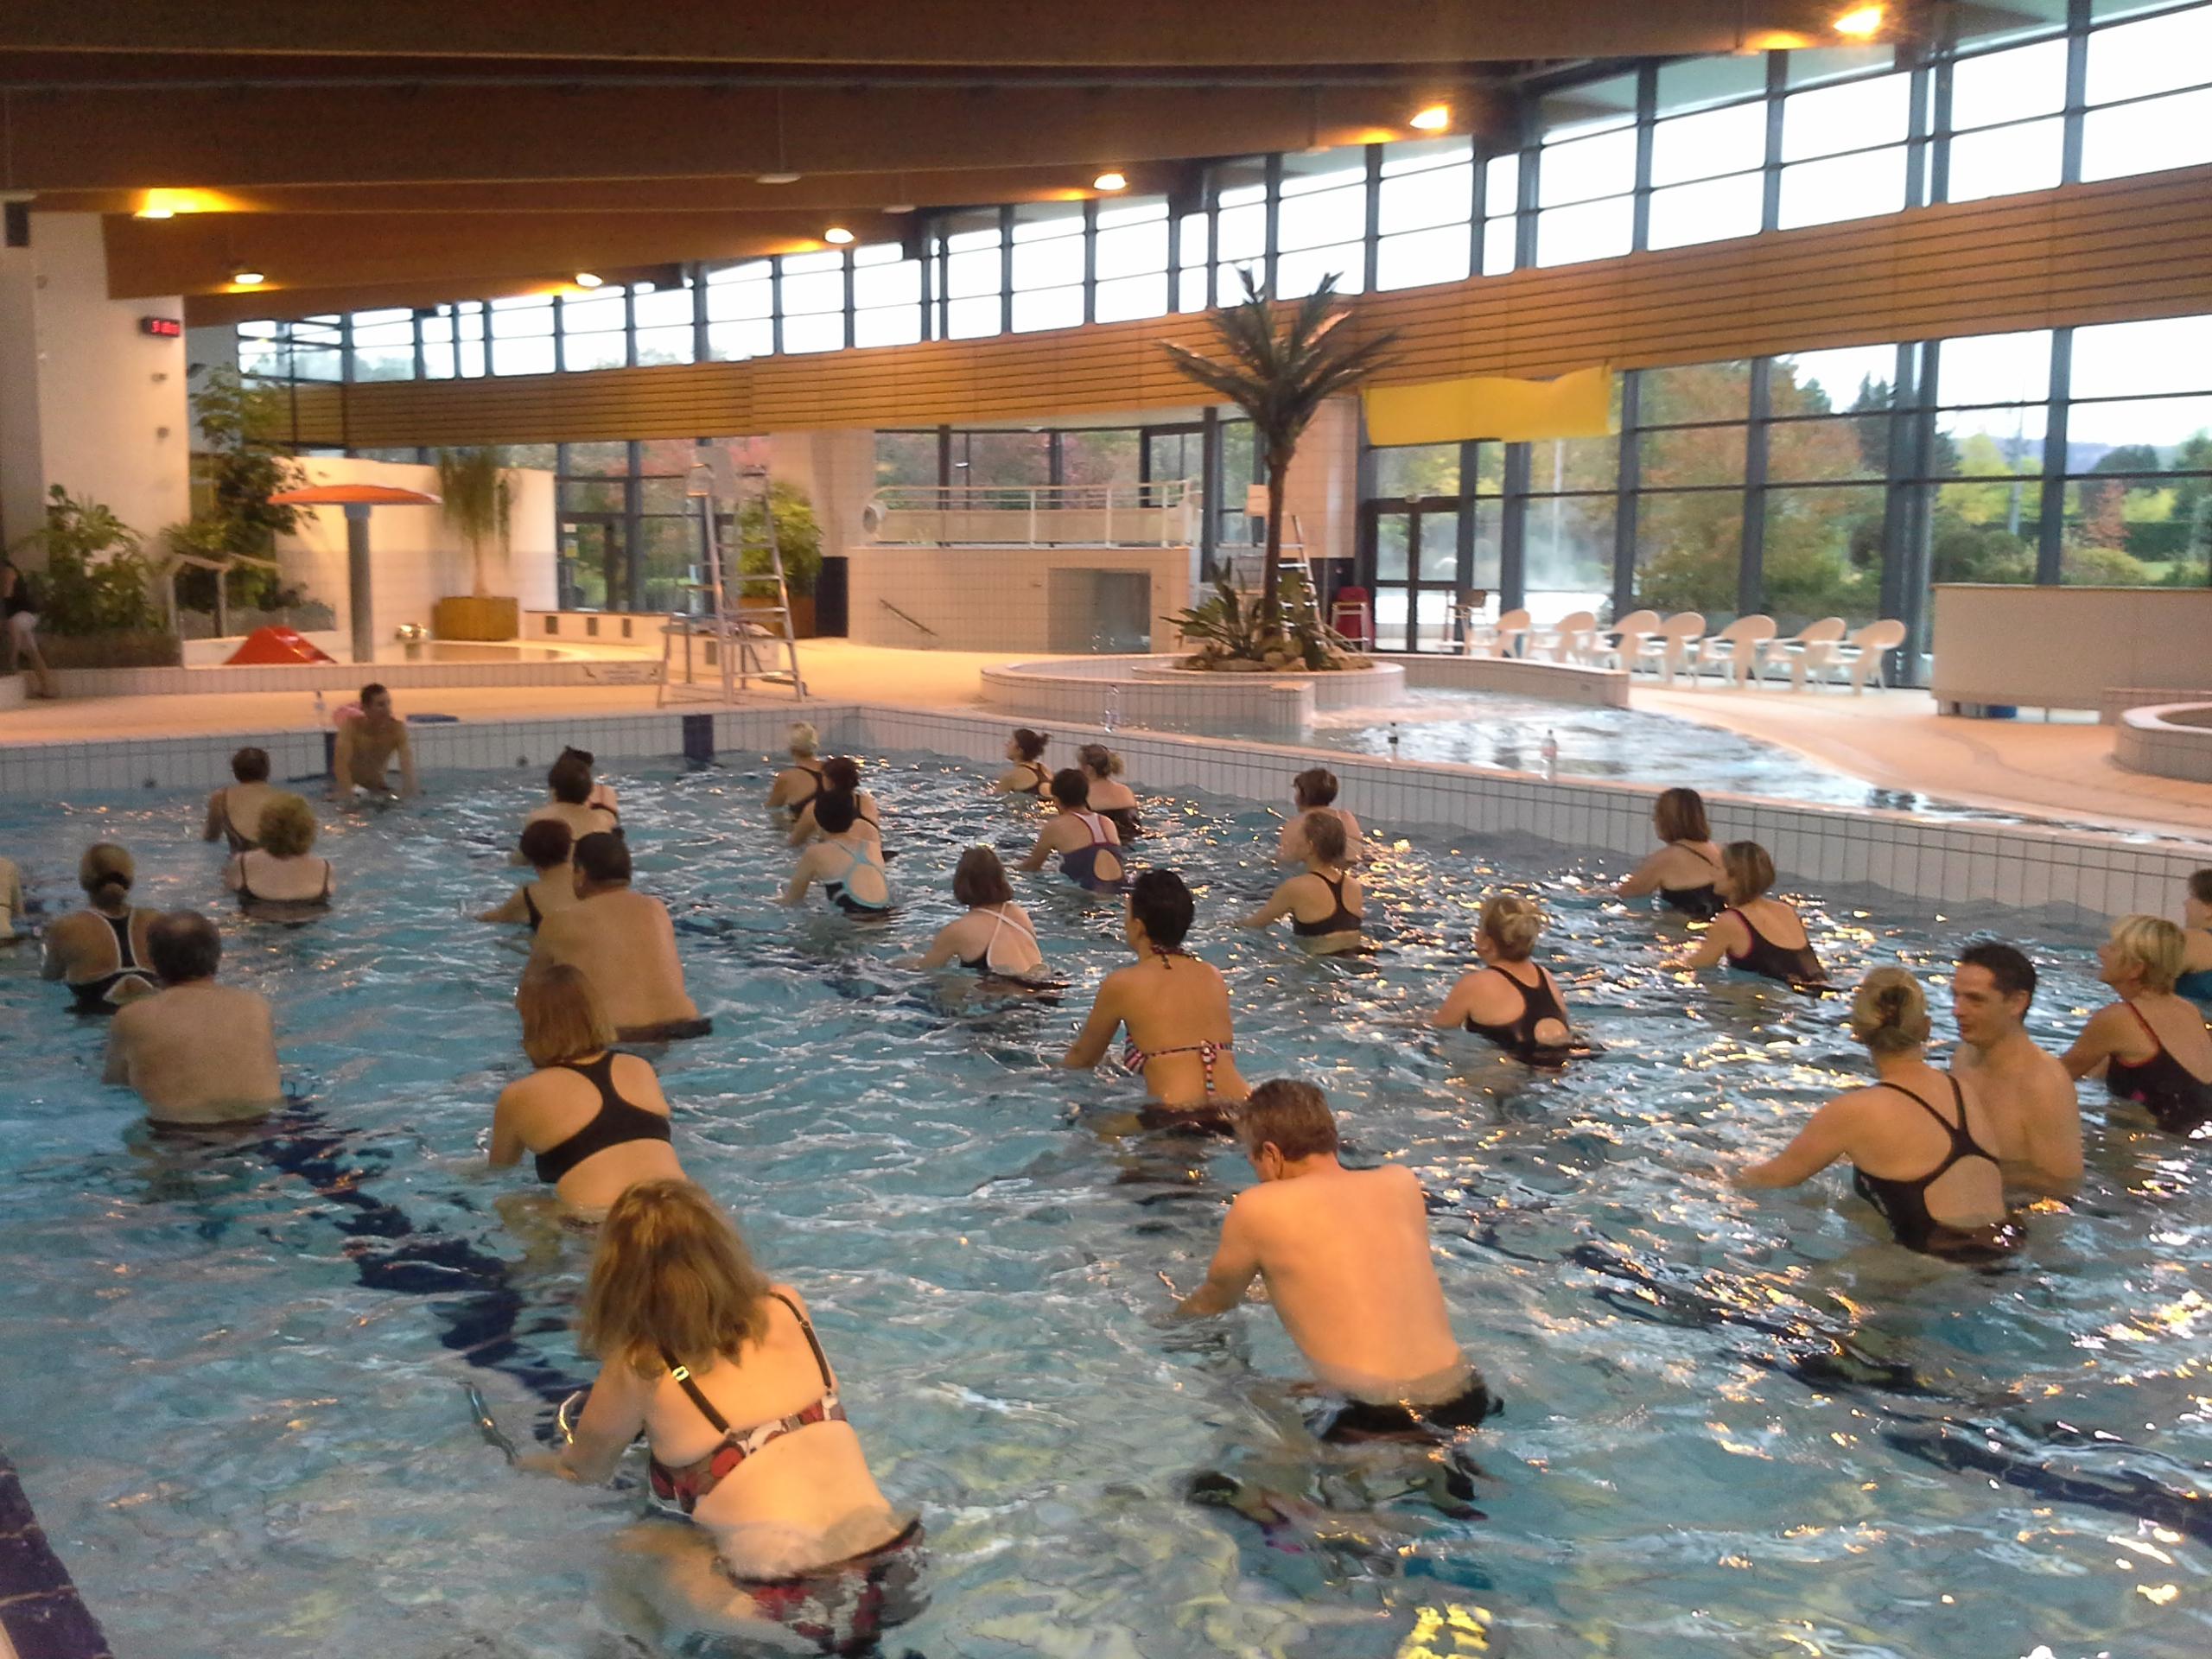 Ain'pulse - Centre Aquatique De Loisirs & Remise En Forme À ... dedans Piscine De Saint Vulbas